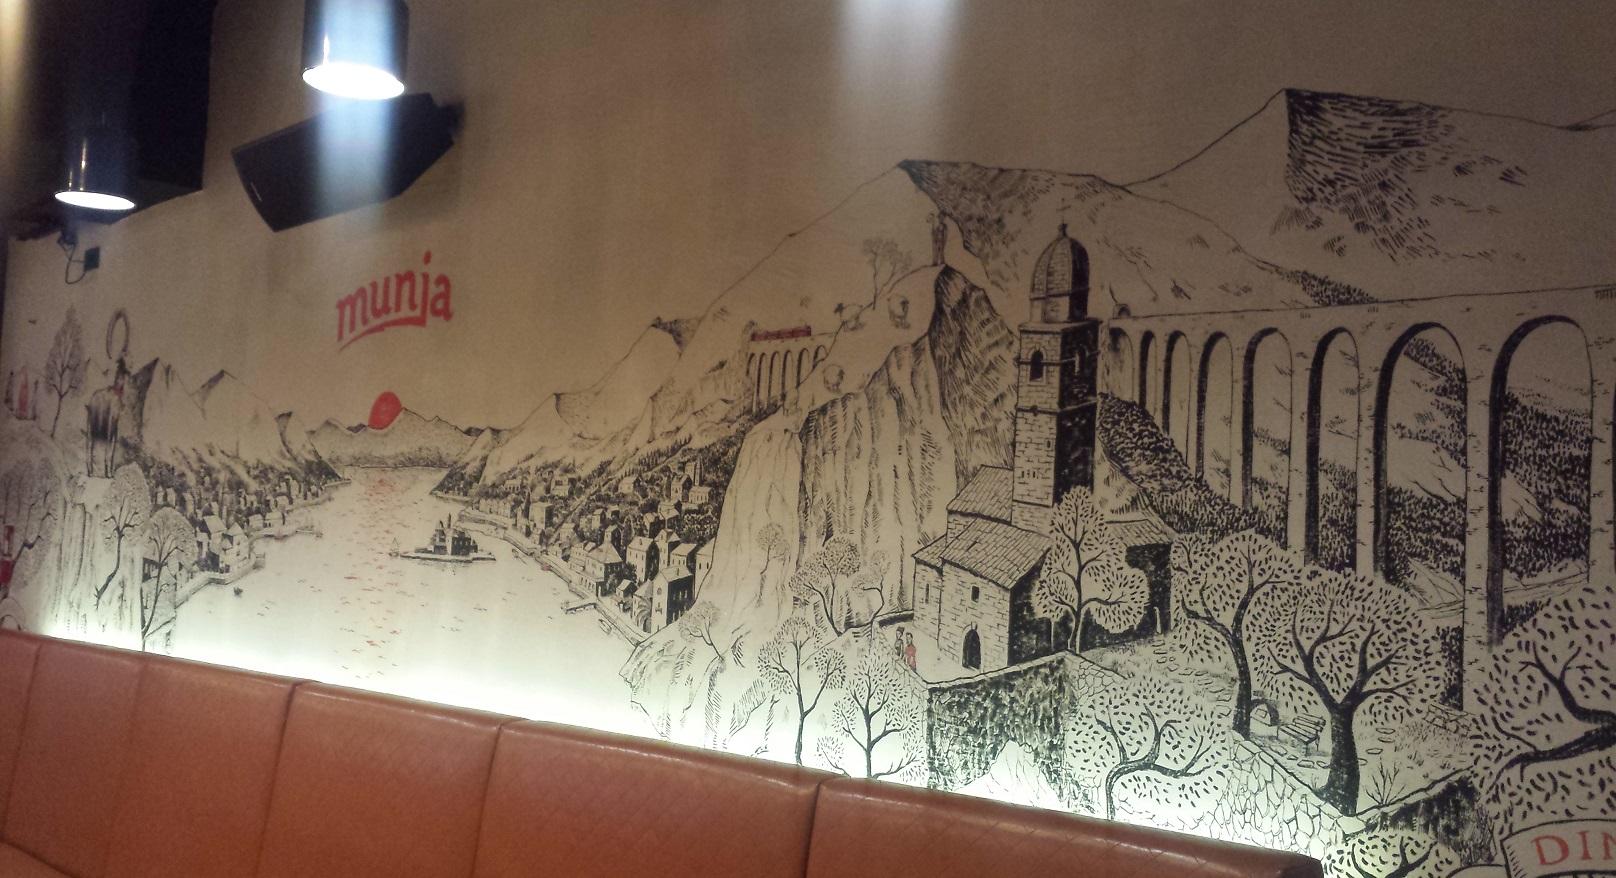 Step in Warsaw - Stadtführerin in Warschau. Ich empfehle ein Balkan Restaurant Munja (in der Nähe des Zentrums), besonders meinen Touristen aus Balkanstaaten. Die balkanische Landschaft. Warschau, 25.07.2019.